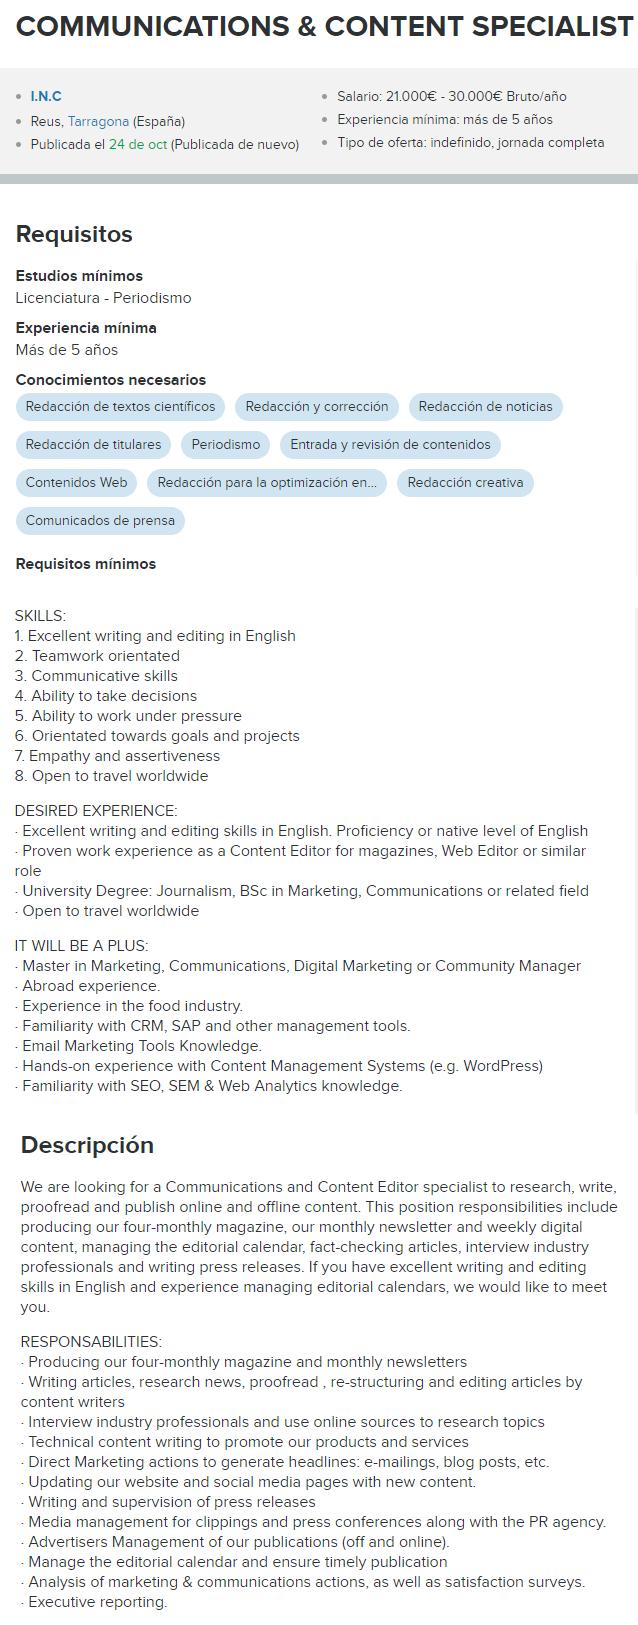 seocontent_oferta_empleo